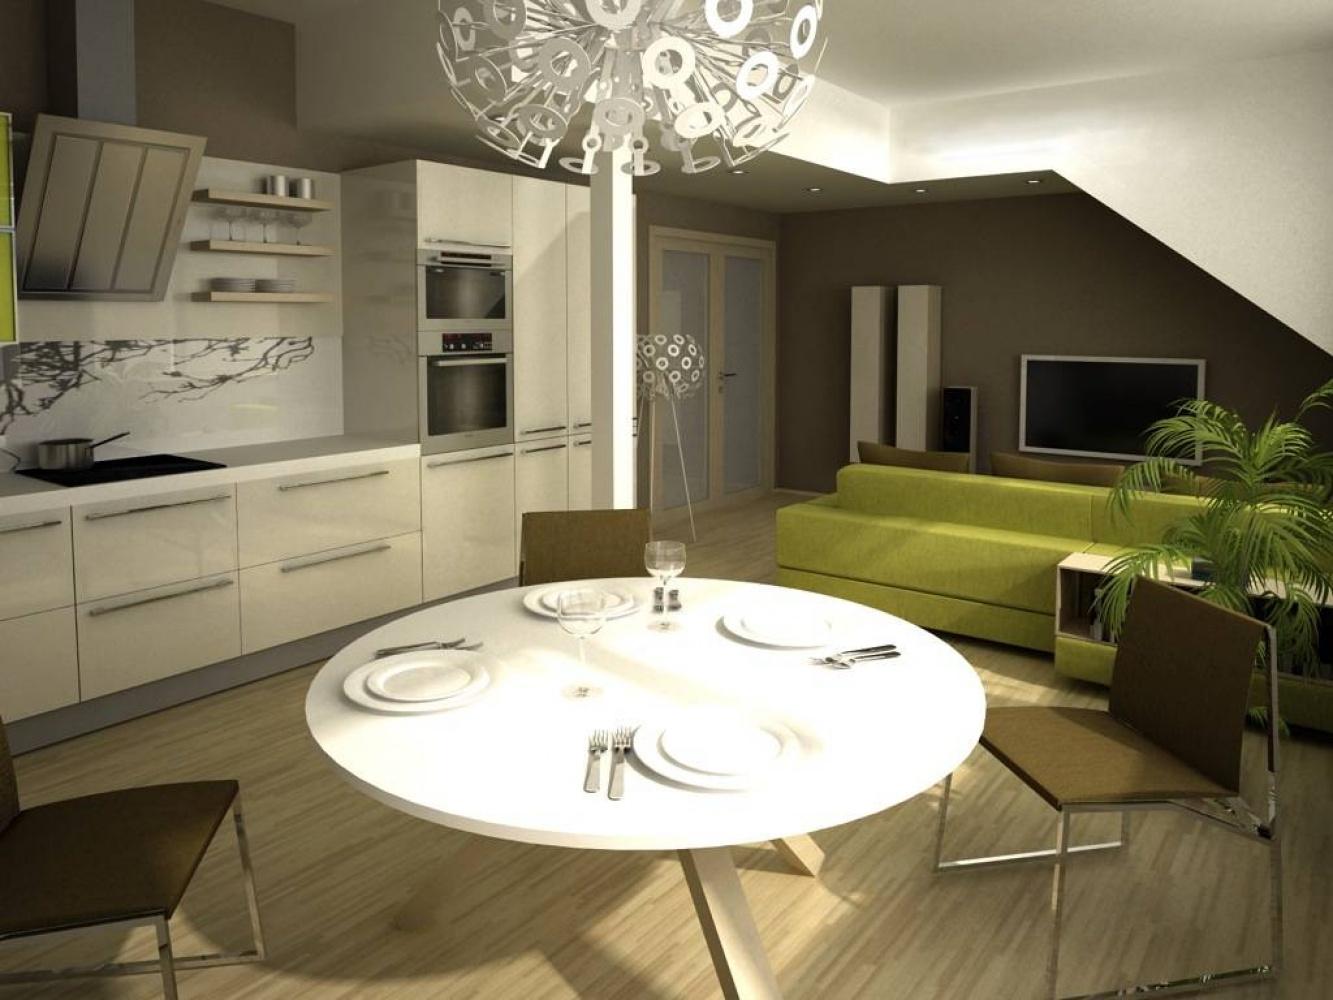 Půdní byt 3+kk, plocha 76 m², ulice U Vody, Praha 7 - Holešovice | 2